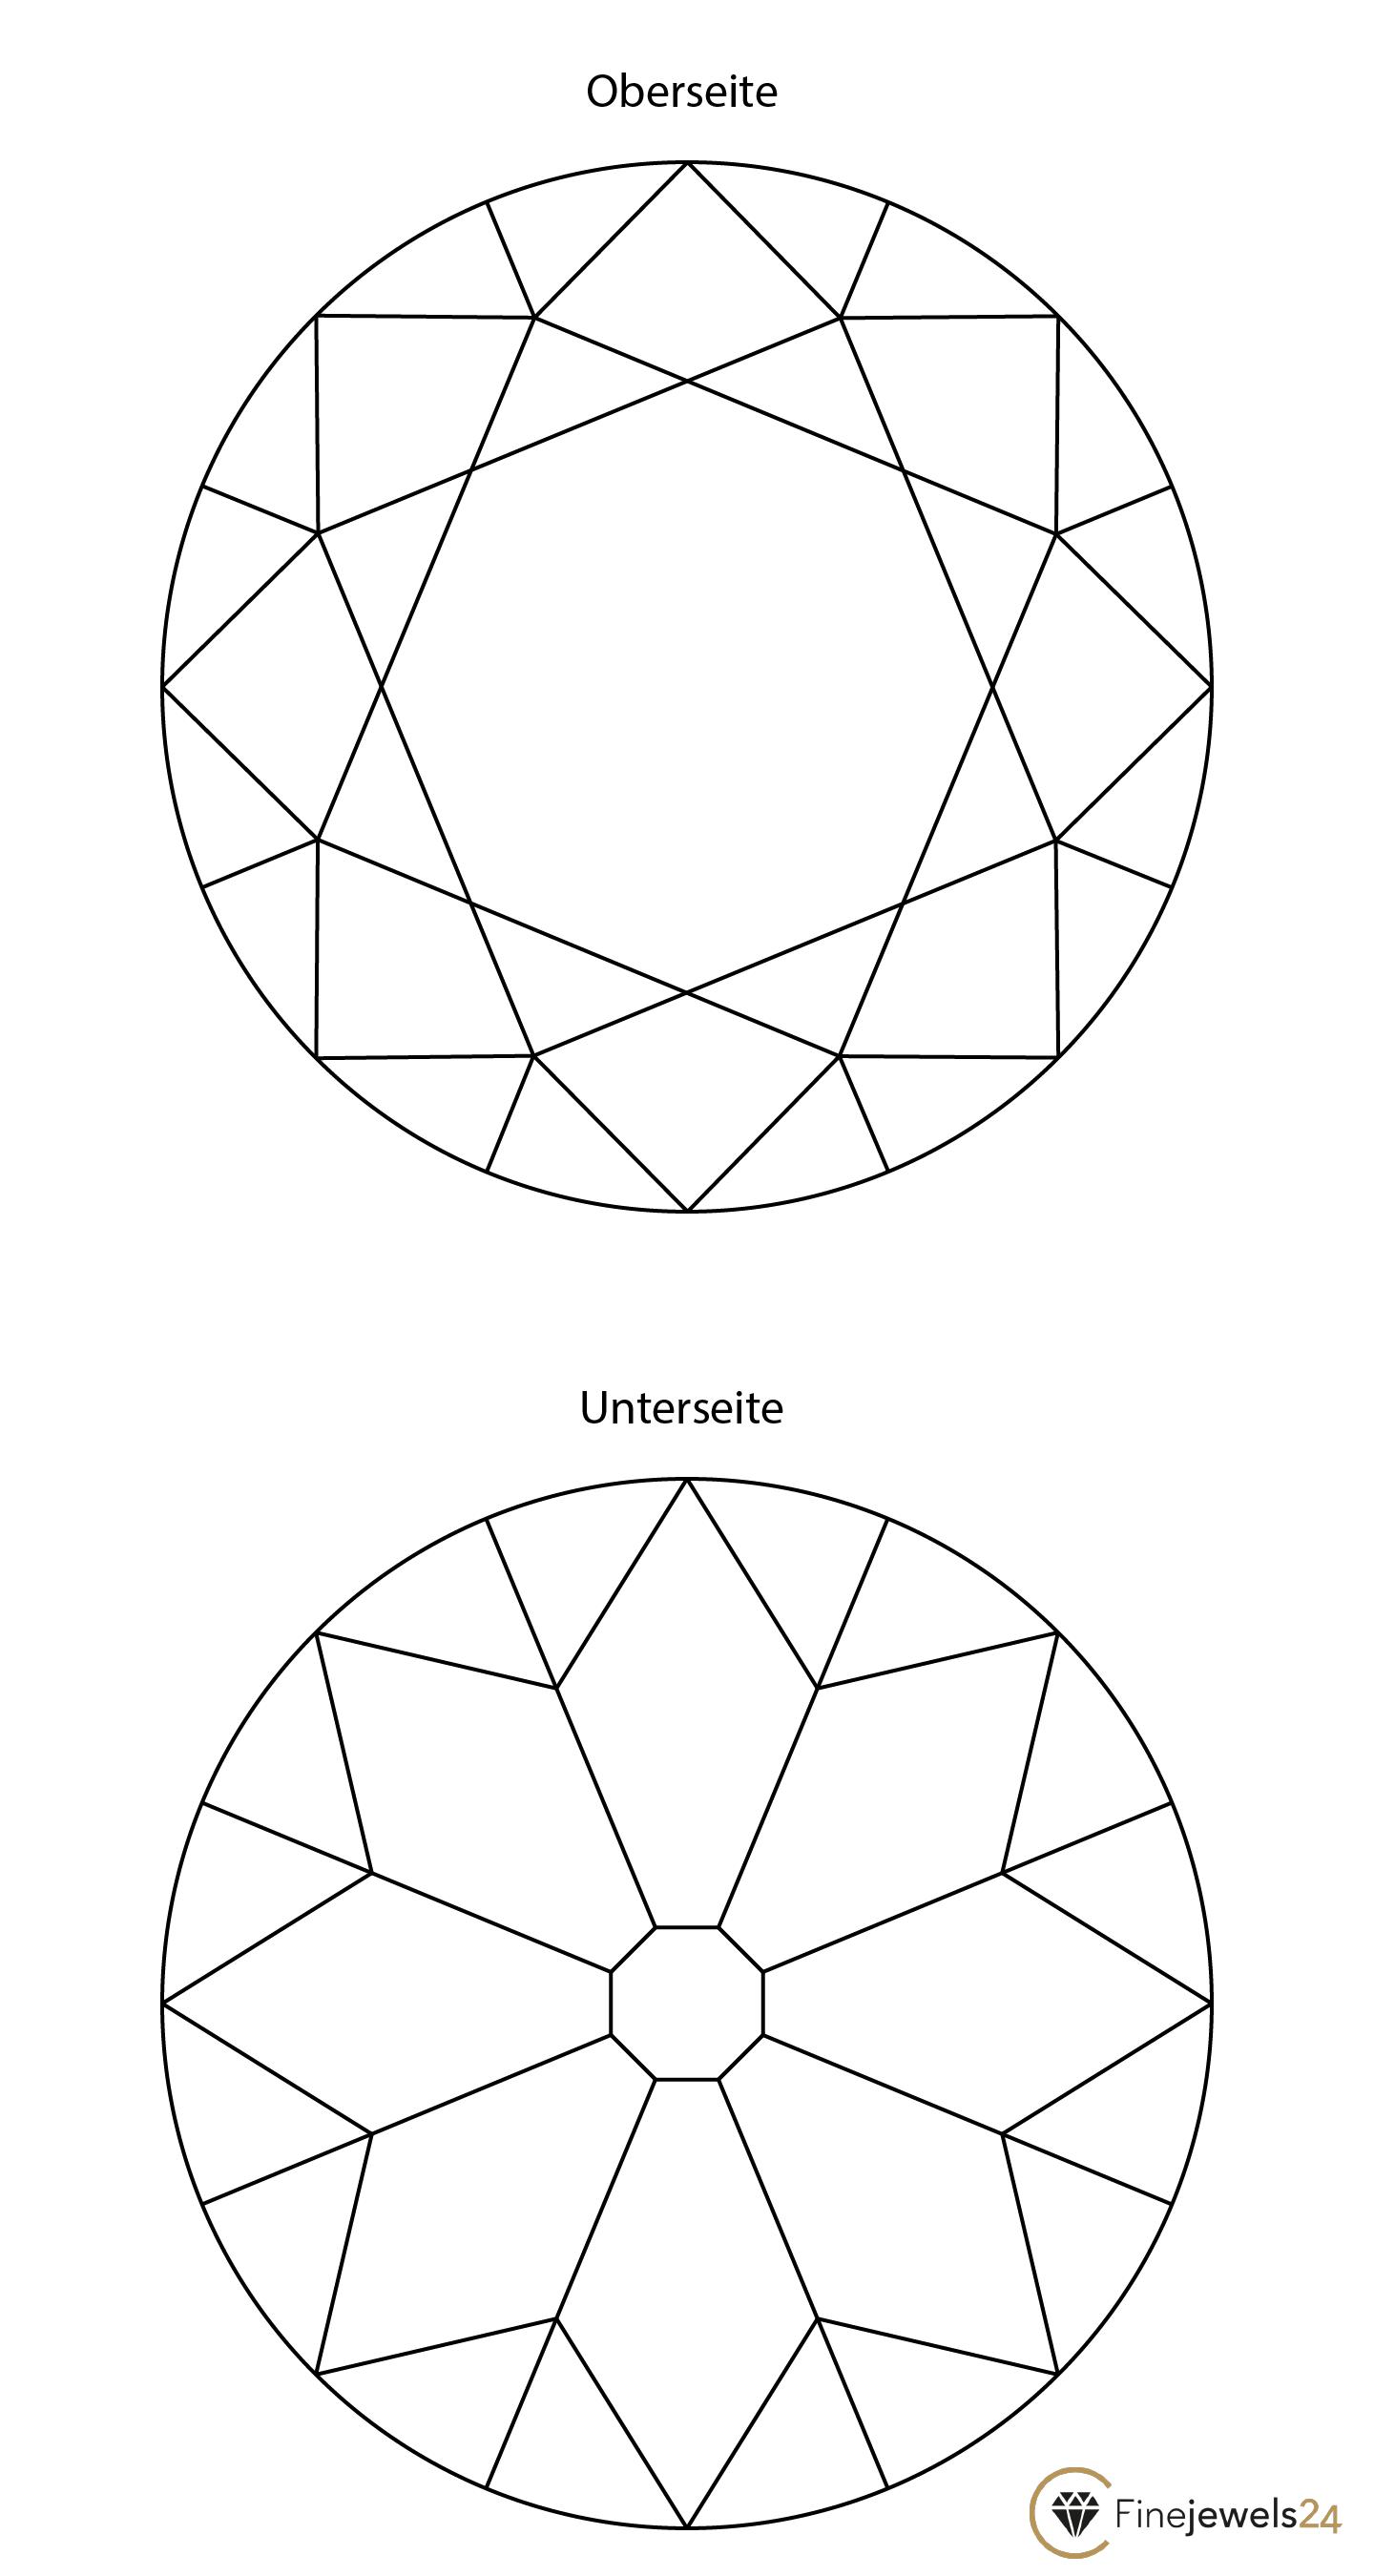 Altschliff Skizze von Oberseite und Unterseite